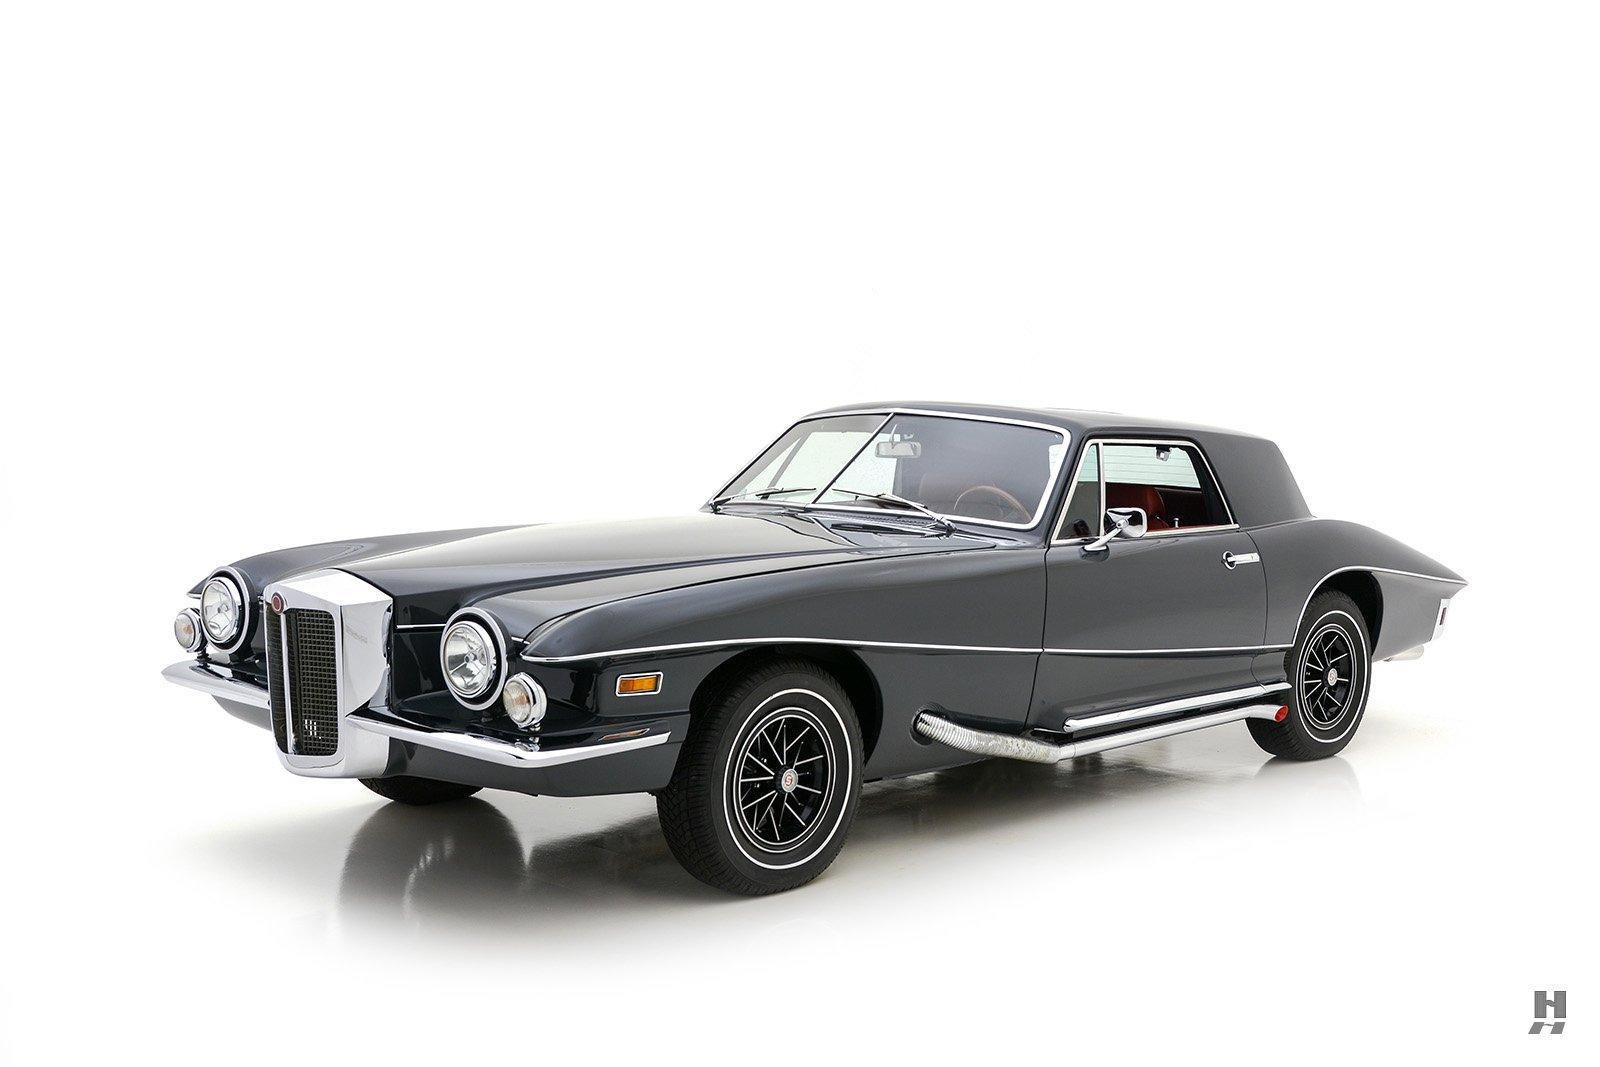 1971 スタッツ ブラックホーク シリーズ1 クーペ